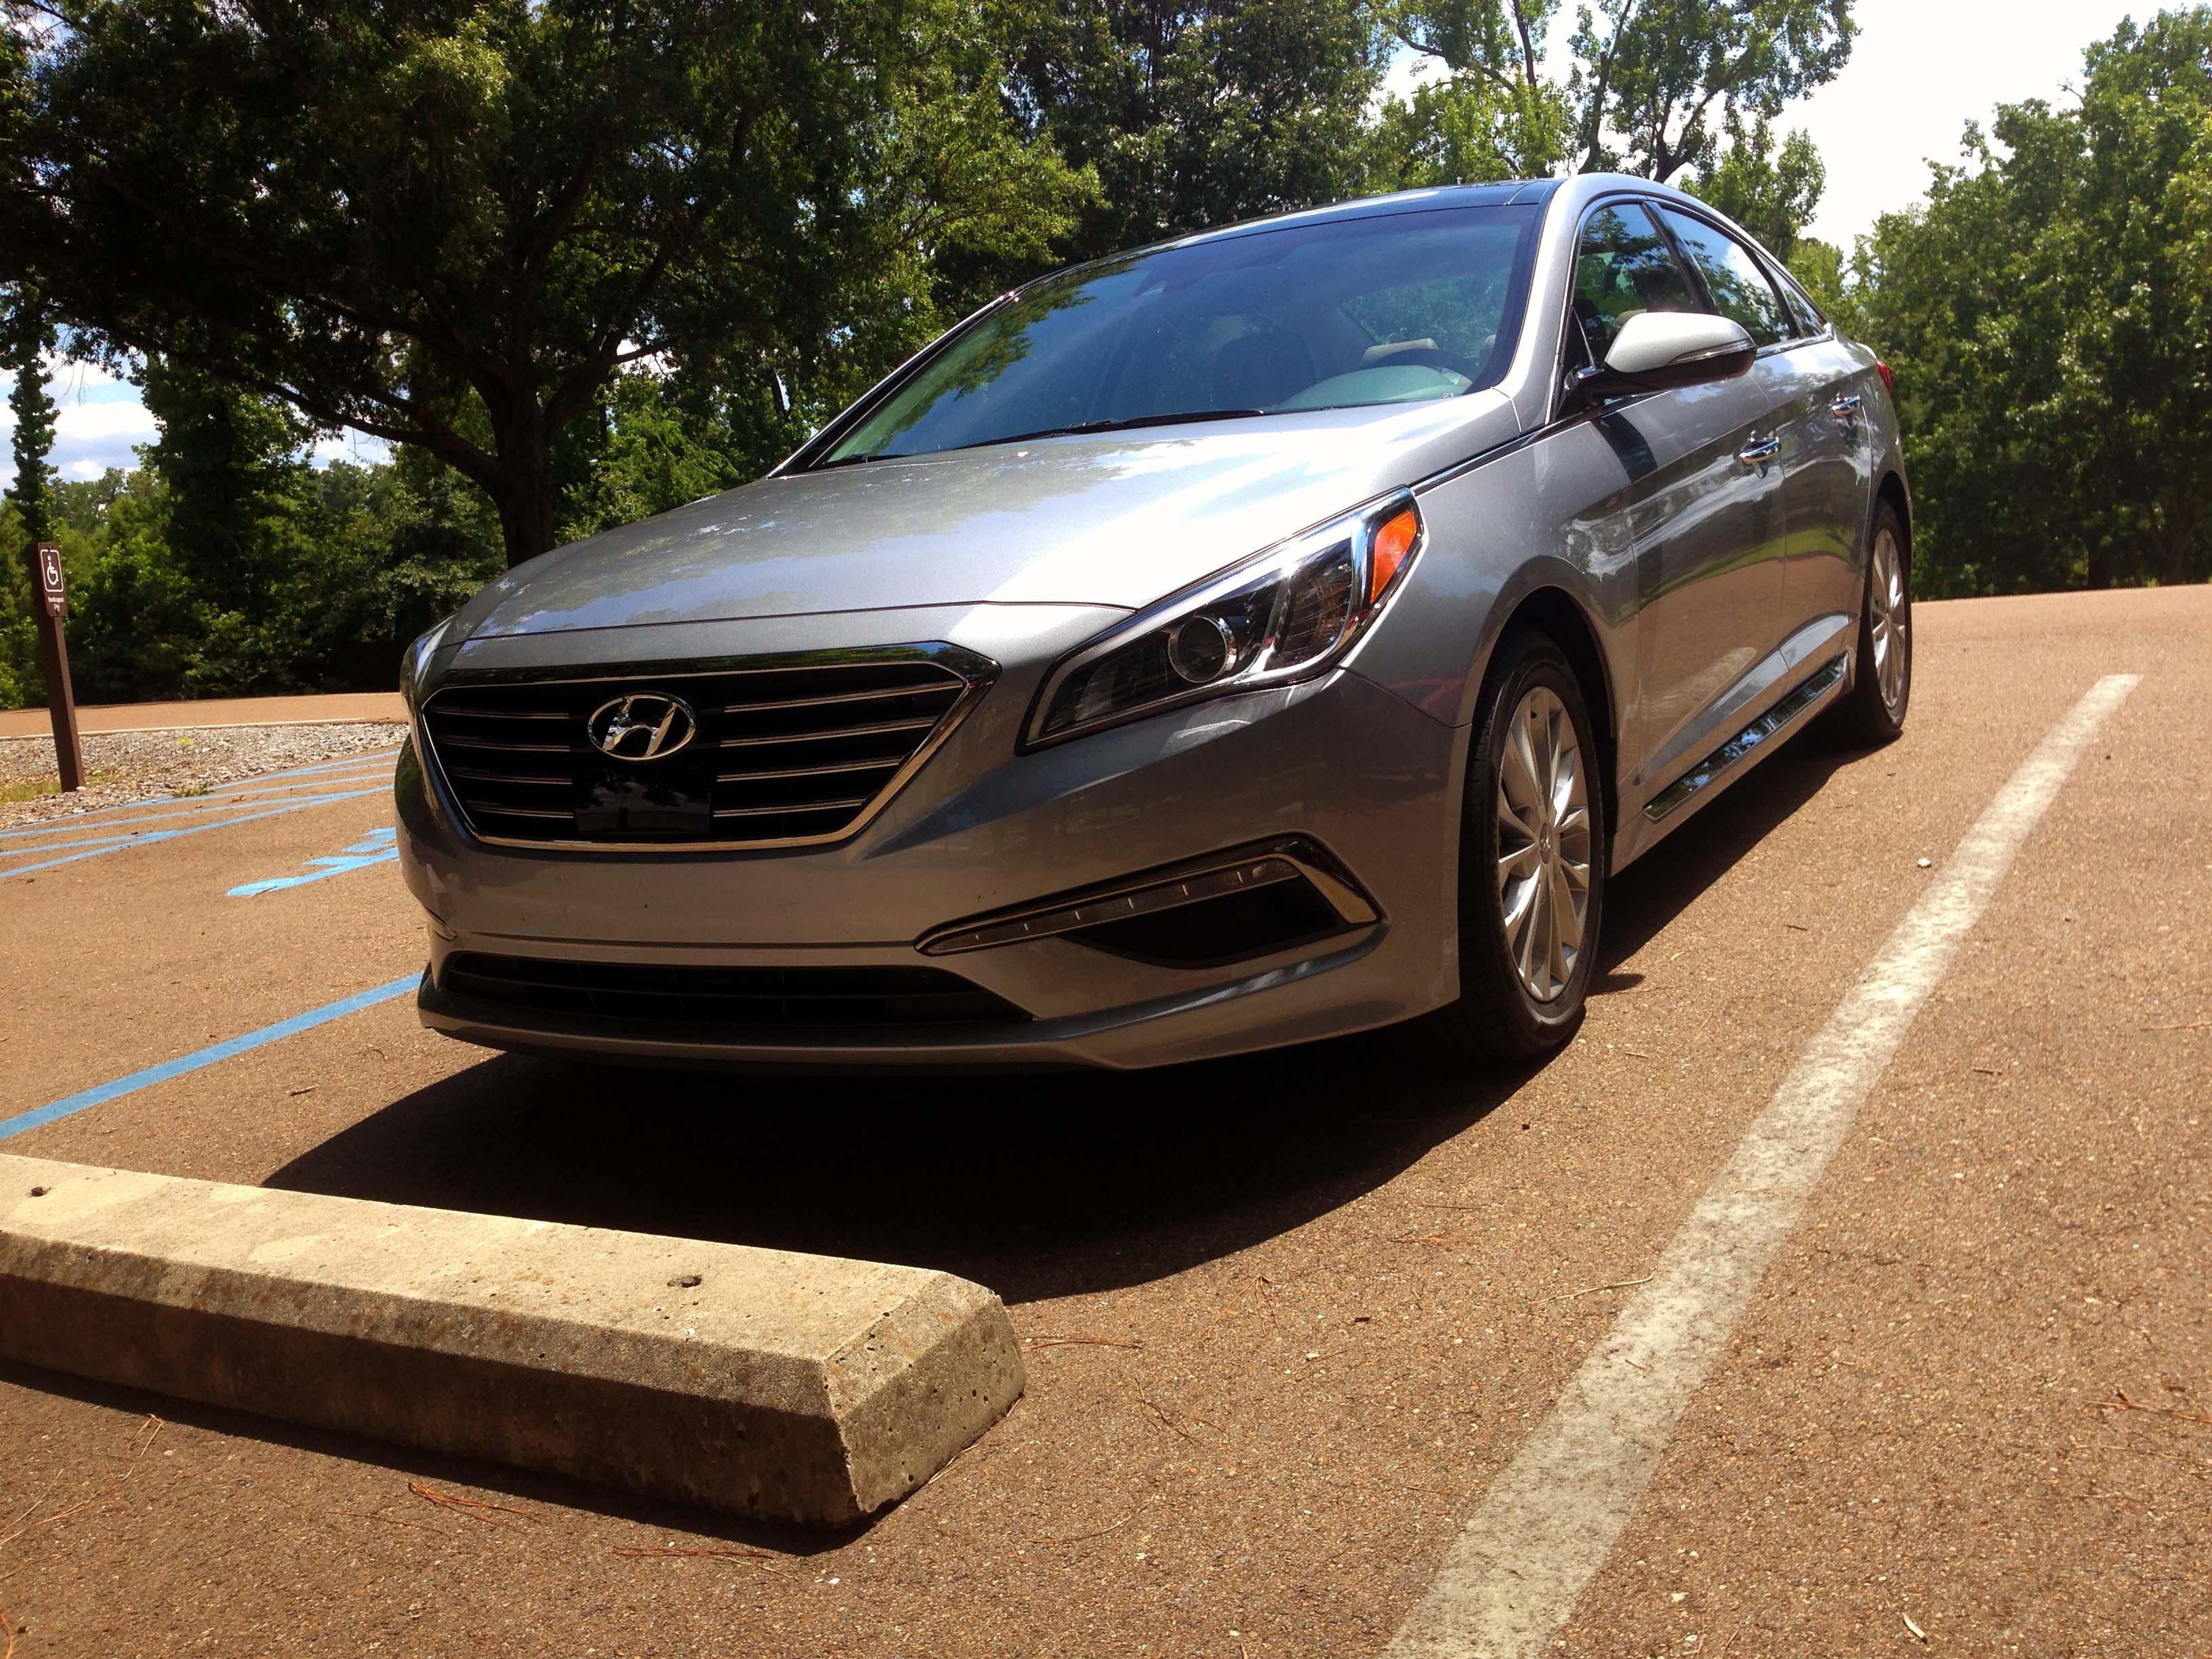 2015-Hyundai-Sonata-005